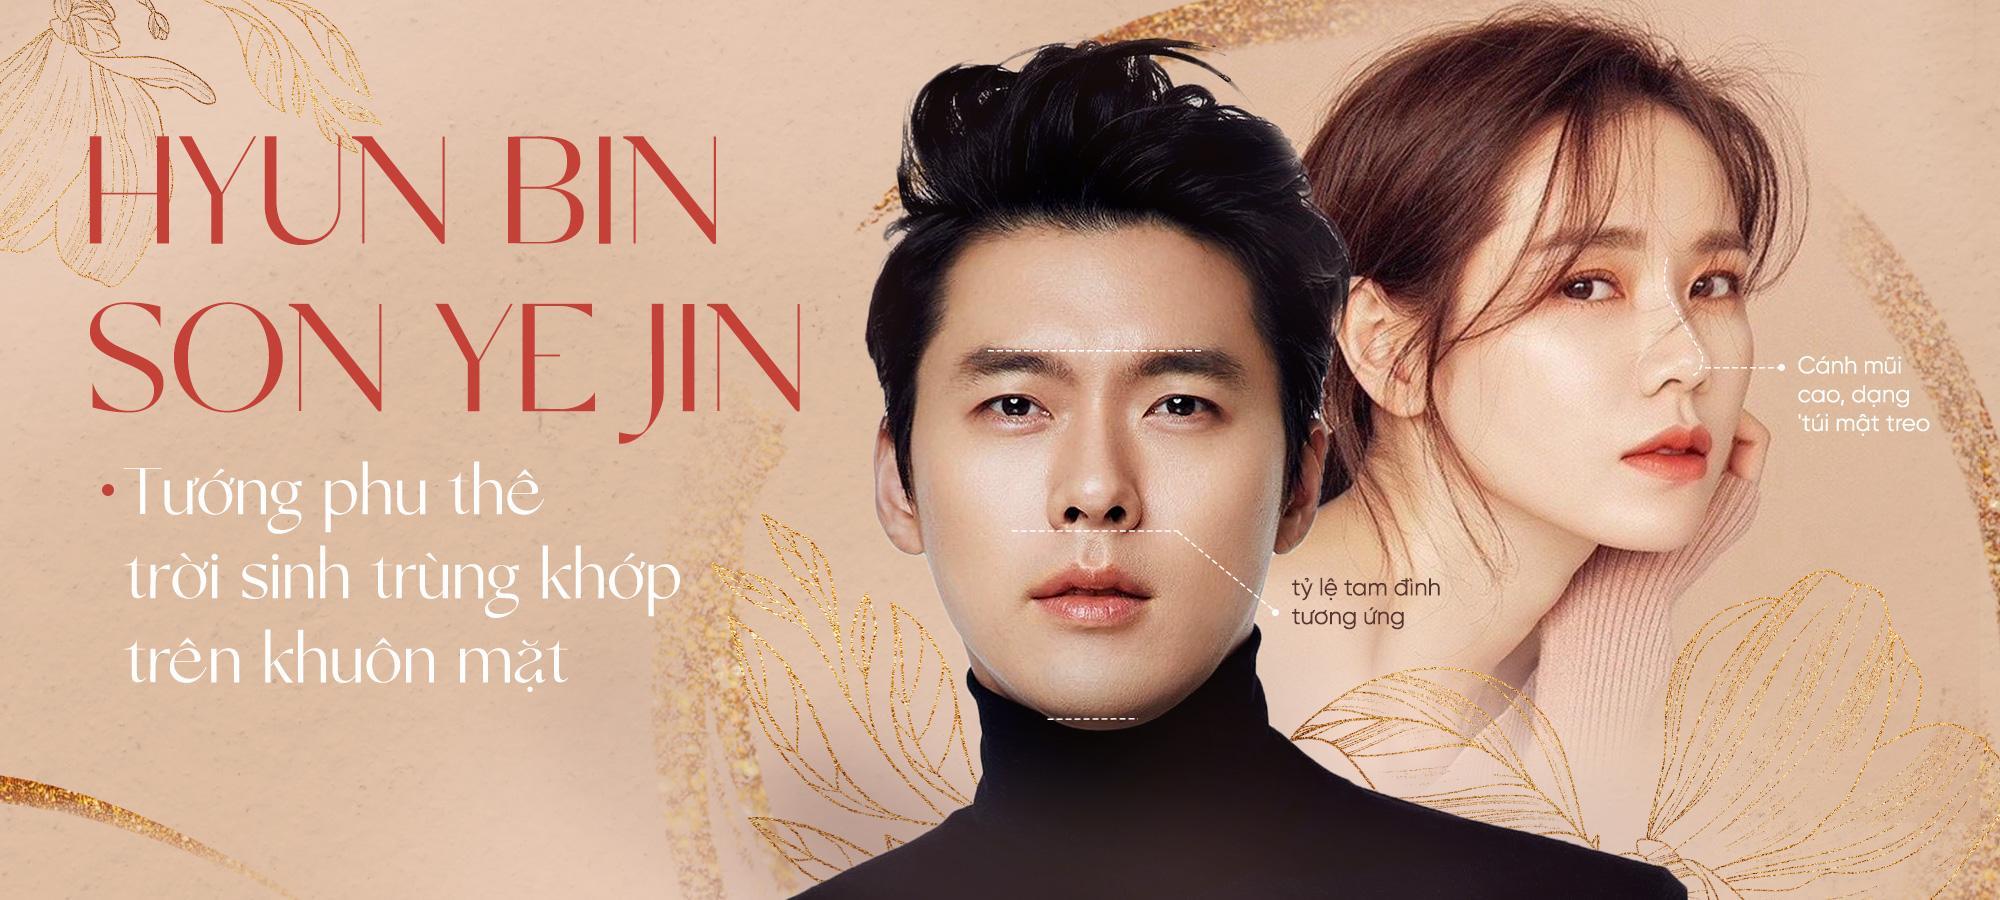 Cặp đôi 'vàng' Hyun Bin và Son Ye Jin nên duyên vợ chồng nhờ tướng phu thê 'trời sinh'?